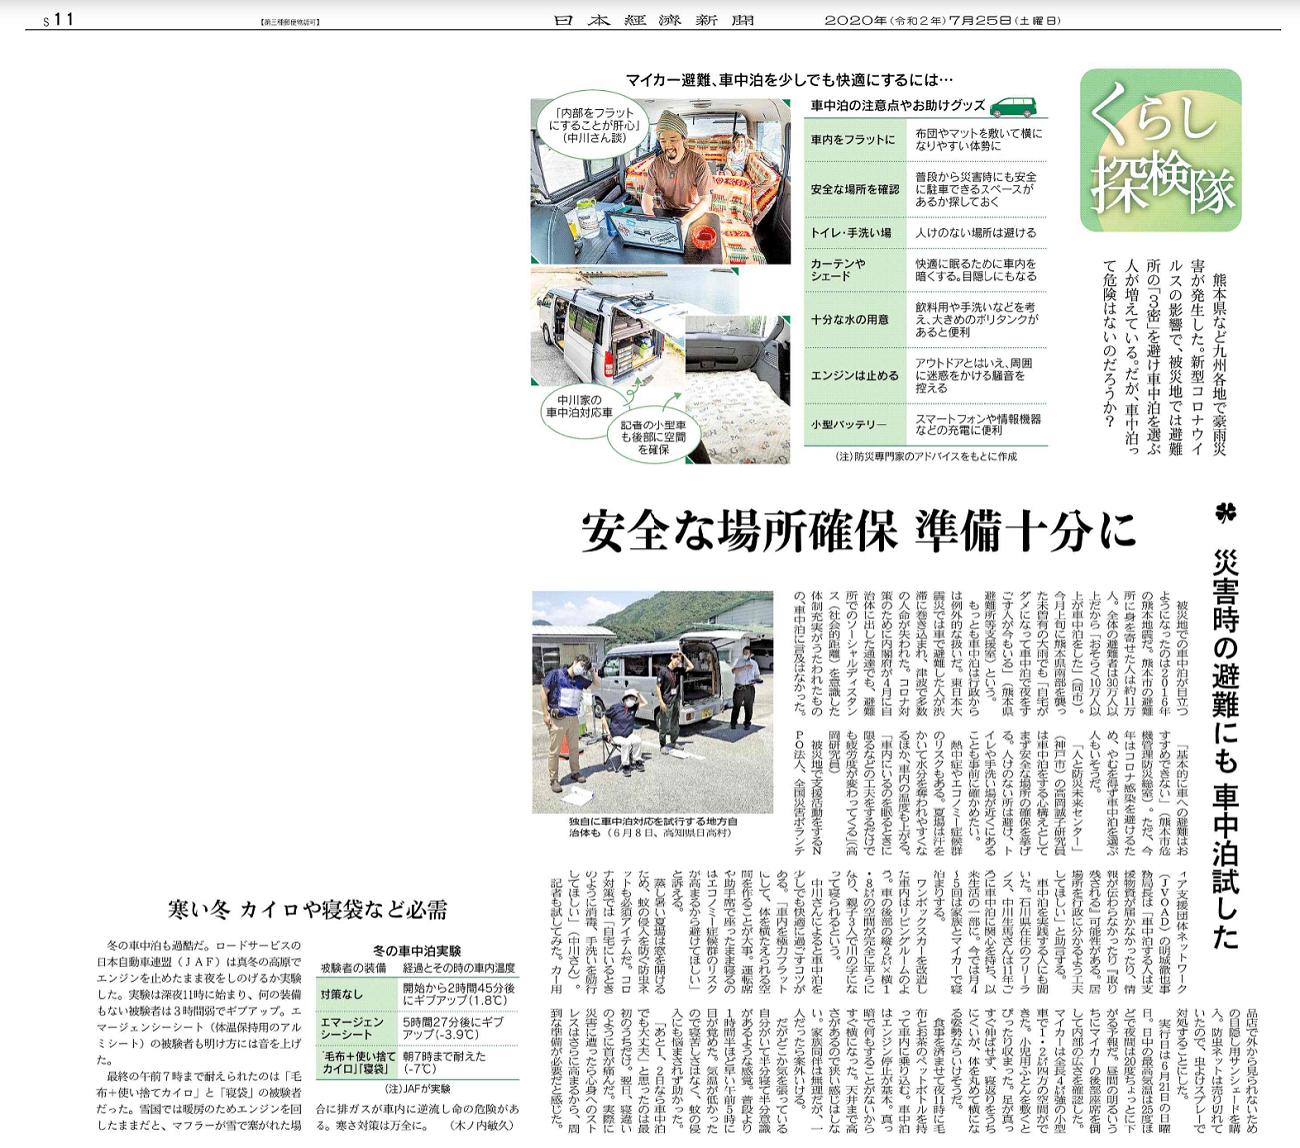 日経プラスワン 災害時の避難にも 車中泊試した―安全な場所確保 準備十分に(くらし探検隊)熊本県など九州各地で豪雨災害が発生した。新型コロナウイルスの影響で、被災地では避難所の「3密」を避け車中泊を選ぶ人が増えている。だが、車中泊って危険はないのだろうか?被災地での車中泊が目立つようになったのは2016年の熊本地震だ。熊本市の避難所に身を寄せた人は約11万人。全体の避難者は30万人以上だから「おそらく10万人以上が車中泊をした」(同市)。今月上旬に熊本県南部を襲った未曽有の大雨でも「自宅がダメになって車中泊で夜をすごす人が今もいる」(熊本県避難所等支援室)という。もっとも車中泊は行政からは例外的な扱いだ。東日本大震災では車で避難した人が渋滞に巻き込まれ、津波で多数の人命が失われた。コロナ対策のために内閣府が4月に自治体に出した通達でも、避難所でのソーシャルディスタンス(社会的距離)を意識した体制充実がうたわれたものの、車中泊に言及はなかった。「基本的に車への避難はおすすめできない」(熊本市危機管理防災総室)。ただ、今年はコロナ感染を避けるため、やむを得ず車中泊を選ぶ人もいそうだ。「人と防災未来センター」(神戸市)の高岡誠子研究員は車中泊をする心構えとしてまず安全な場所の確保を挙げる。人けのない所は避け、トイレや手洗い場が近くにあることも事前に確かめたい。熱中症やエコノミー症候群のリスクもある。夏場は汗をかいて水分を奪われやすくなるほか、車内の温度も上がる。「車内にいるのを眠るときに限るなどの工夫をするだけでも疲労度が変わってくる」(高岡研究員)被災地で支援活動をするNPO法人、全国災害ボランティア支援団体ネットワーク(JVOAD)の明城徹也事務局長は「車中泊する人は支援物資が届かなかったり、情報が伝わらなかったり『取り残される』可能性がある。居場所を行政に分かるよう工夫してほしい」と助言する。車中泊を実践する人にも聞いた。石川県在住のフリーランス、中川生馬さんは11年ごろに車中泊に関心を持ち、以来生活の一部に。今では月4~5回は家族とマイカーで寝泊まりする。ワンボックスカーを改造した車内はリビングルームのよう。車の後部の縦2メートル×横1.8メートルの空間が完全に平らになり、親子3人で川の字になって寝られるという。中川さんによると車中泊を少しでも快適に過ごすコツがある。「車内を極力フラットにして、体を横たえられる空間を作ることが大事。運転席や助手席で座ったまま寝るのはエコノミー症候群のリスクが高まるから避けてほしい」と訴える。蒸し暑い夏場は窓を開けるため、蚊の侵入を防ぐ防虫ネットも必須アイテムだ。コロナ対策では「自宅にいるときのように消毒、手洗いを励行してほしい」(中川さん)。記者も試してみた。カー用品店で外から見られないための目隠し用サンシェードを購入。防虫ネットは売り切れていたので、虫よけスプレーで対処することにした。実行日は6月21日の日曜日。日中の最高気温は25度ほどで夜間は20度ちょっとに下がる予報だ。昼間の明るいうちにマイカーの後部座席を倒して内部の広さを確認した。マイカーは全長4メートル強の小型車で1.2メートル四方の空間ができた。小児用ふとんを敷くとぴったり収まった。足が真っすぐ伸ばせず、寝返りをうちにくいが、体を丸めて横になる姿勢ならいけそうだ。食事を済ませて夜11時に毛布とお茶のペットボトルを持って車内に乗り込む。車中泊はエンジン停止が基本。真っ暗で何もすることがないからすぐ横になった。天井まで高さがあるので狭い感じはしない。家族同伴は無理だが、一人だったら案外いける。だがどこか気を張っている自分がいて半分寝て半分意識があるような感覚。普段より1時間半ほど早い午前5時に目が覚めた。気温が低かったので寝苦しさはなく、蚊の侵入にも悩まされず助かった。「あと1、2日なら車中泊でも大丈夫」と思ったのは最初のうちだけ。翌日、寝違いのように首が痛んだ。実際に災害に遭ったら心身へのストレスはさらに高まるから、周到な準備が必要だと感じた。寒い冬 カイロや寝袋など必需 冬の車中泊も過酷だ。ロードサービスの日本自動車連盟(JAF)は真冬の高原でエンジンを止めたまま夜をしのげるか実験した。実験は深夜11時に始まり、何の装備もない被験者は3時間弱でギブアップ。エマージェンシーシート(体温保持用のアルミシート)の被験者も明け方には音を上げた。最終の午前7時まで耐えられたのは「毛布+使い捨てカイロ」と「寝袋」の被験者だった。雪国では暖房のためエンジンを回したままだと、マフラーが雪で塞がれた場合に排ガスが車内に逆流し命の危険がある。寒さ対策は万全に。(木ノ内敏久)【図・写真】独自に車中泊対応を試行する地方自治体も(6月8日、高知県日高村